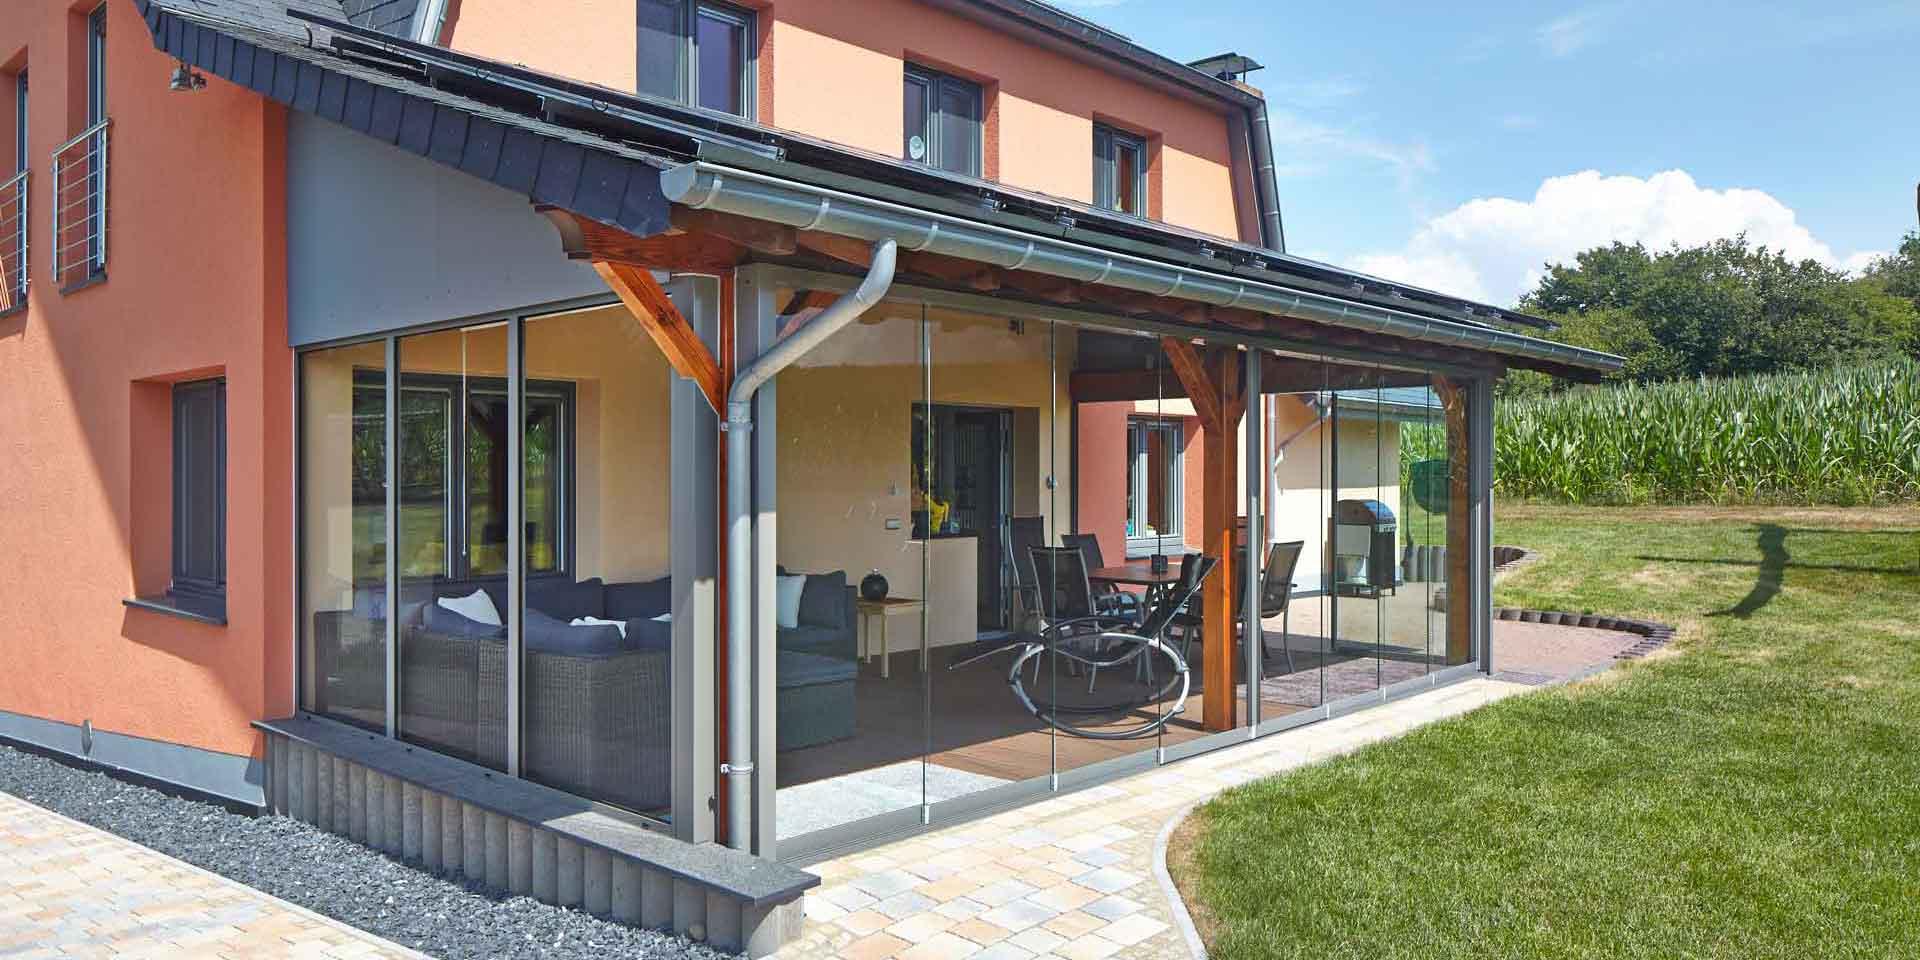 Oranges Einfamilienhaus mit Nahaufnahme der Rückseite des Hauses mit Blick auf ein Coplaning Terassen Wintergarten mit einer grauen Coplaning Glasfaltwand ohne Rahmenprofile.